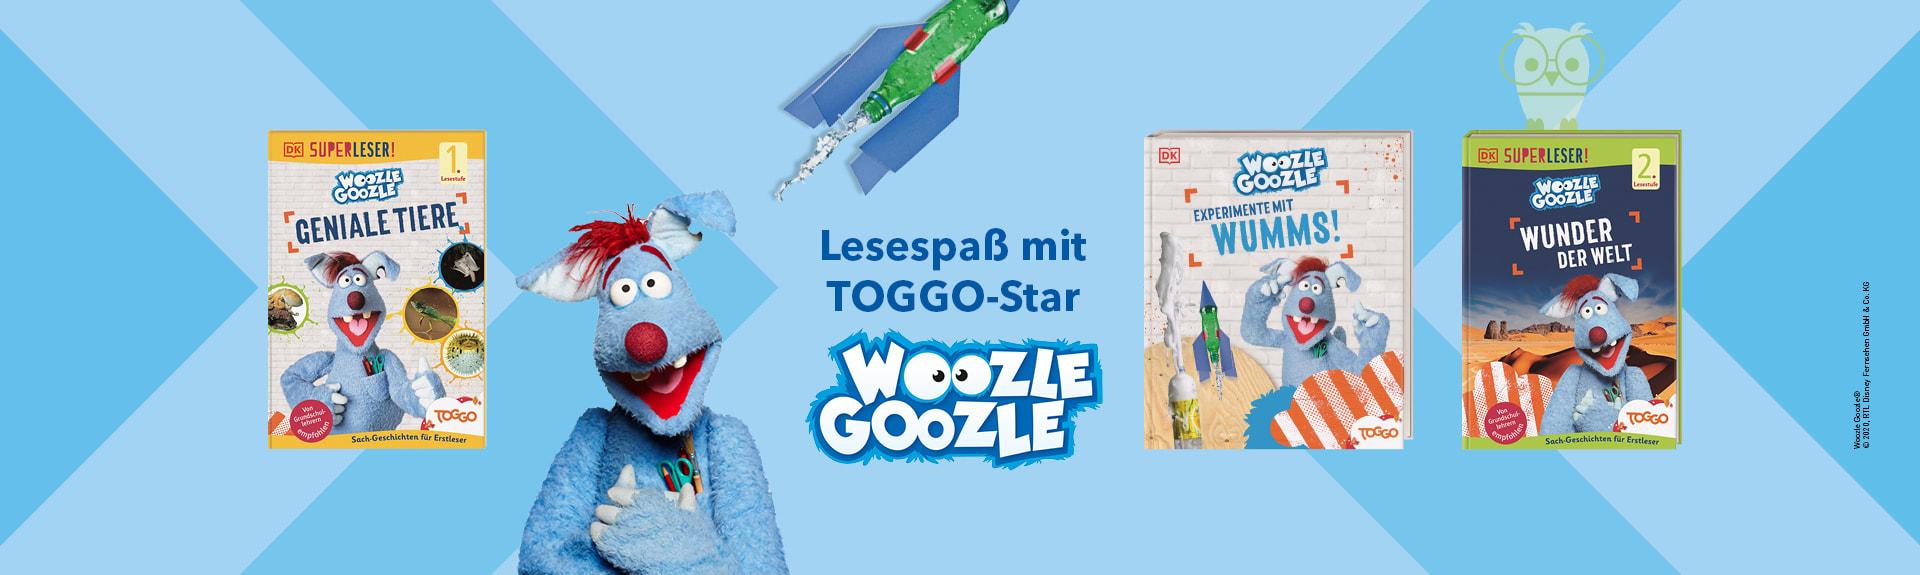 Lesespaß mit Woozle Goozle